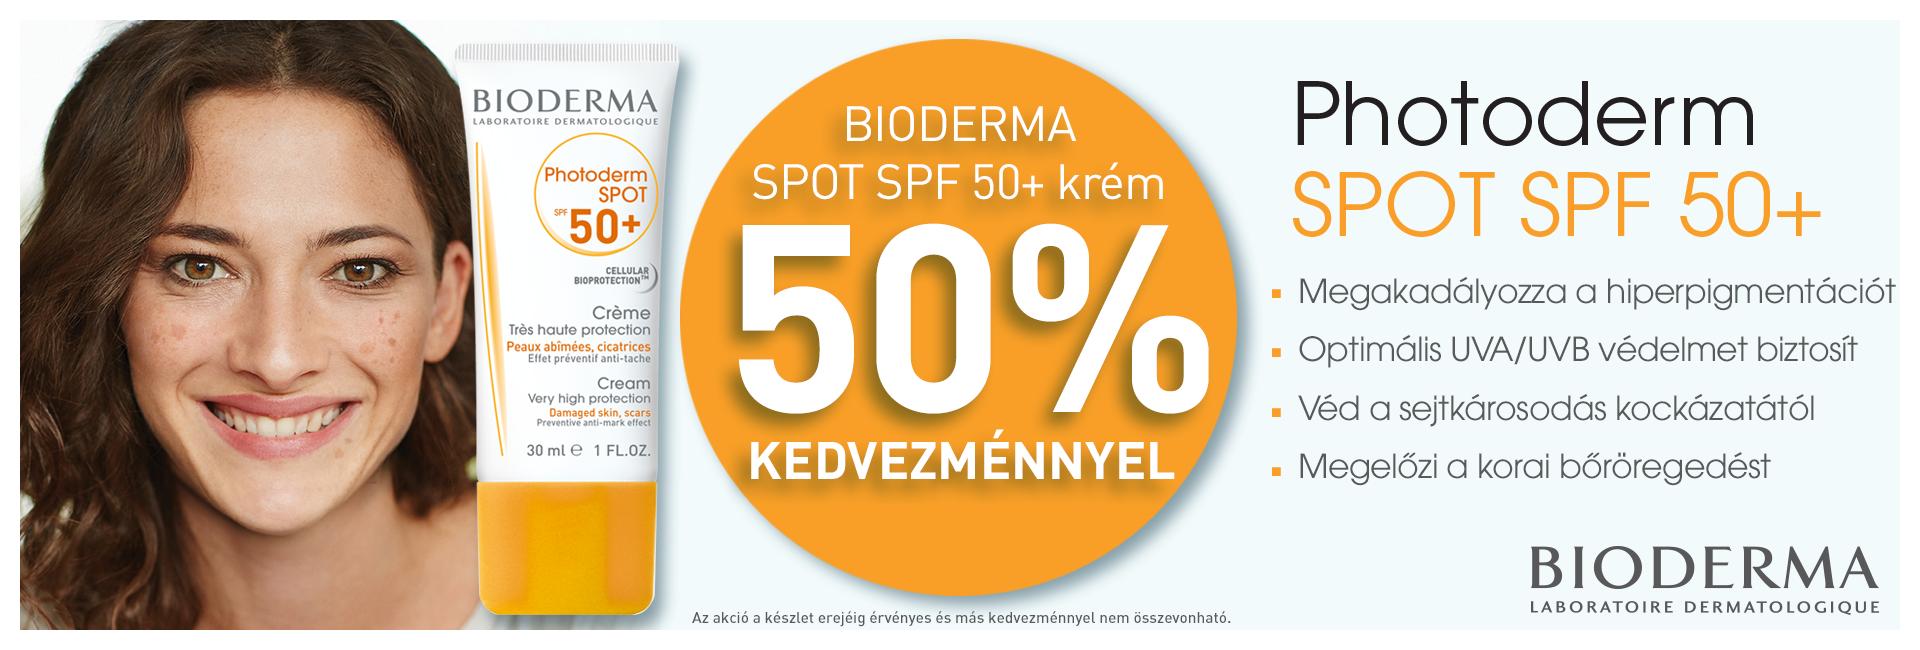 Bioderma Photoderm Spot SPF50+ krémet most 50% kedvezménnyel kínáljuk! Az akció csak a limitált akciós készlet erejéig érvényes!